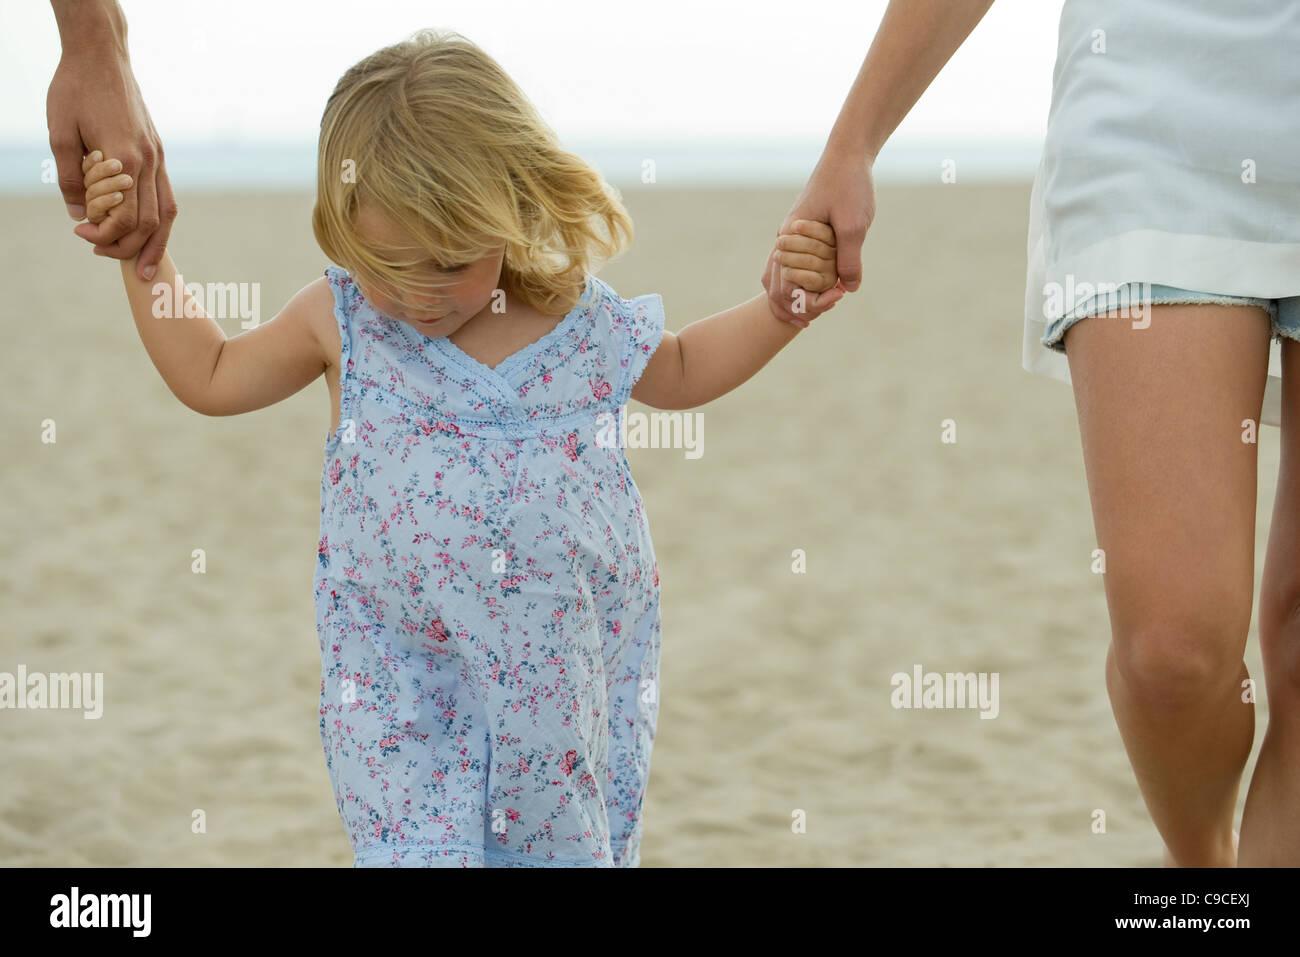 kleines m dchen hand in hand gehen mit den eltern am strand beschnitten stockfoto bild. Black Bedroom Furniture Sets. Home Design Ideas